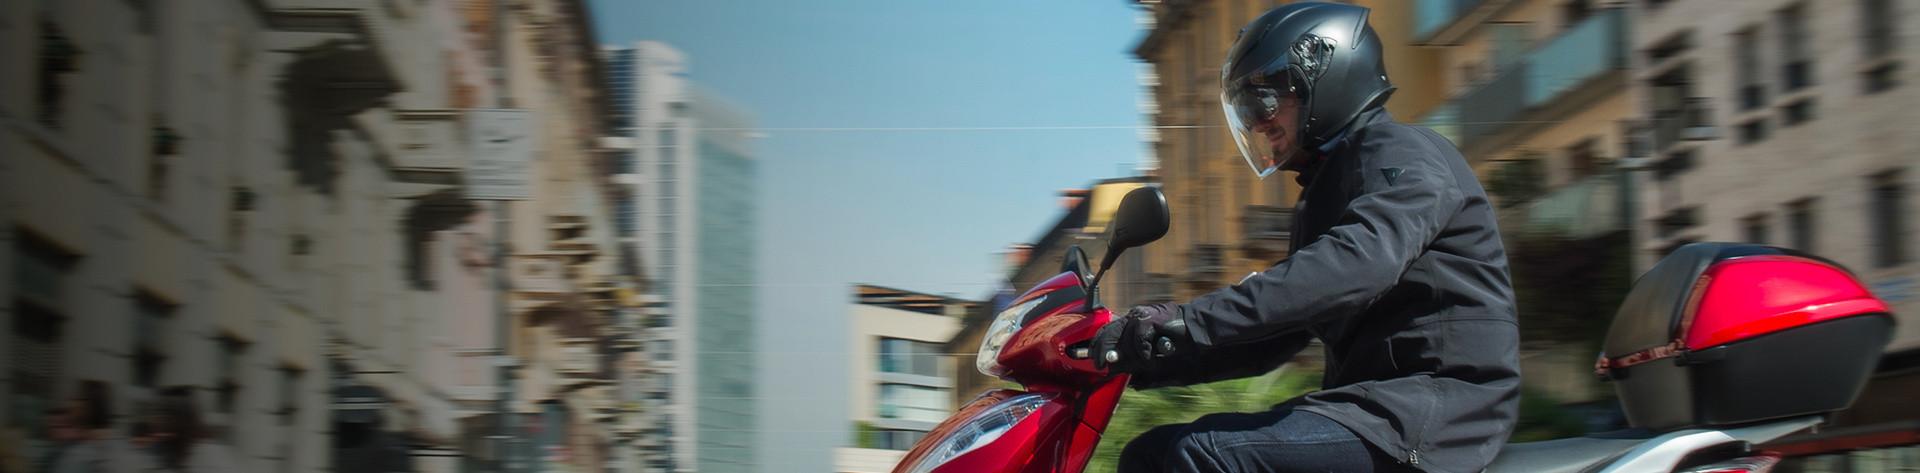 AGV Riding style - Urban